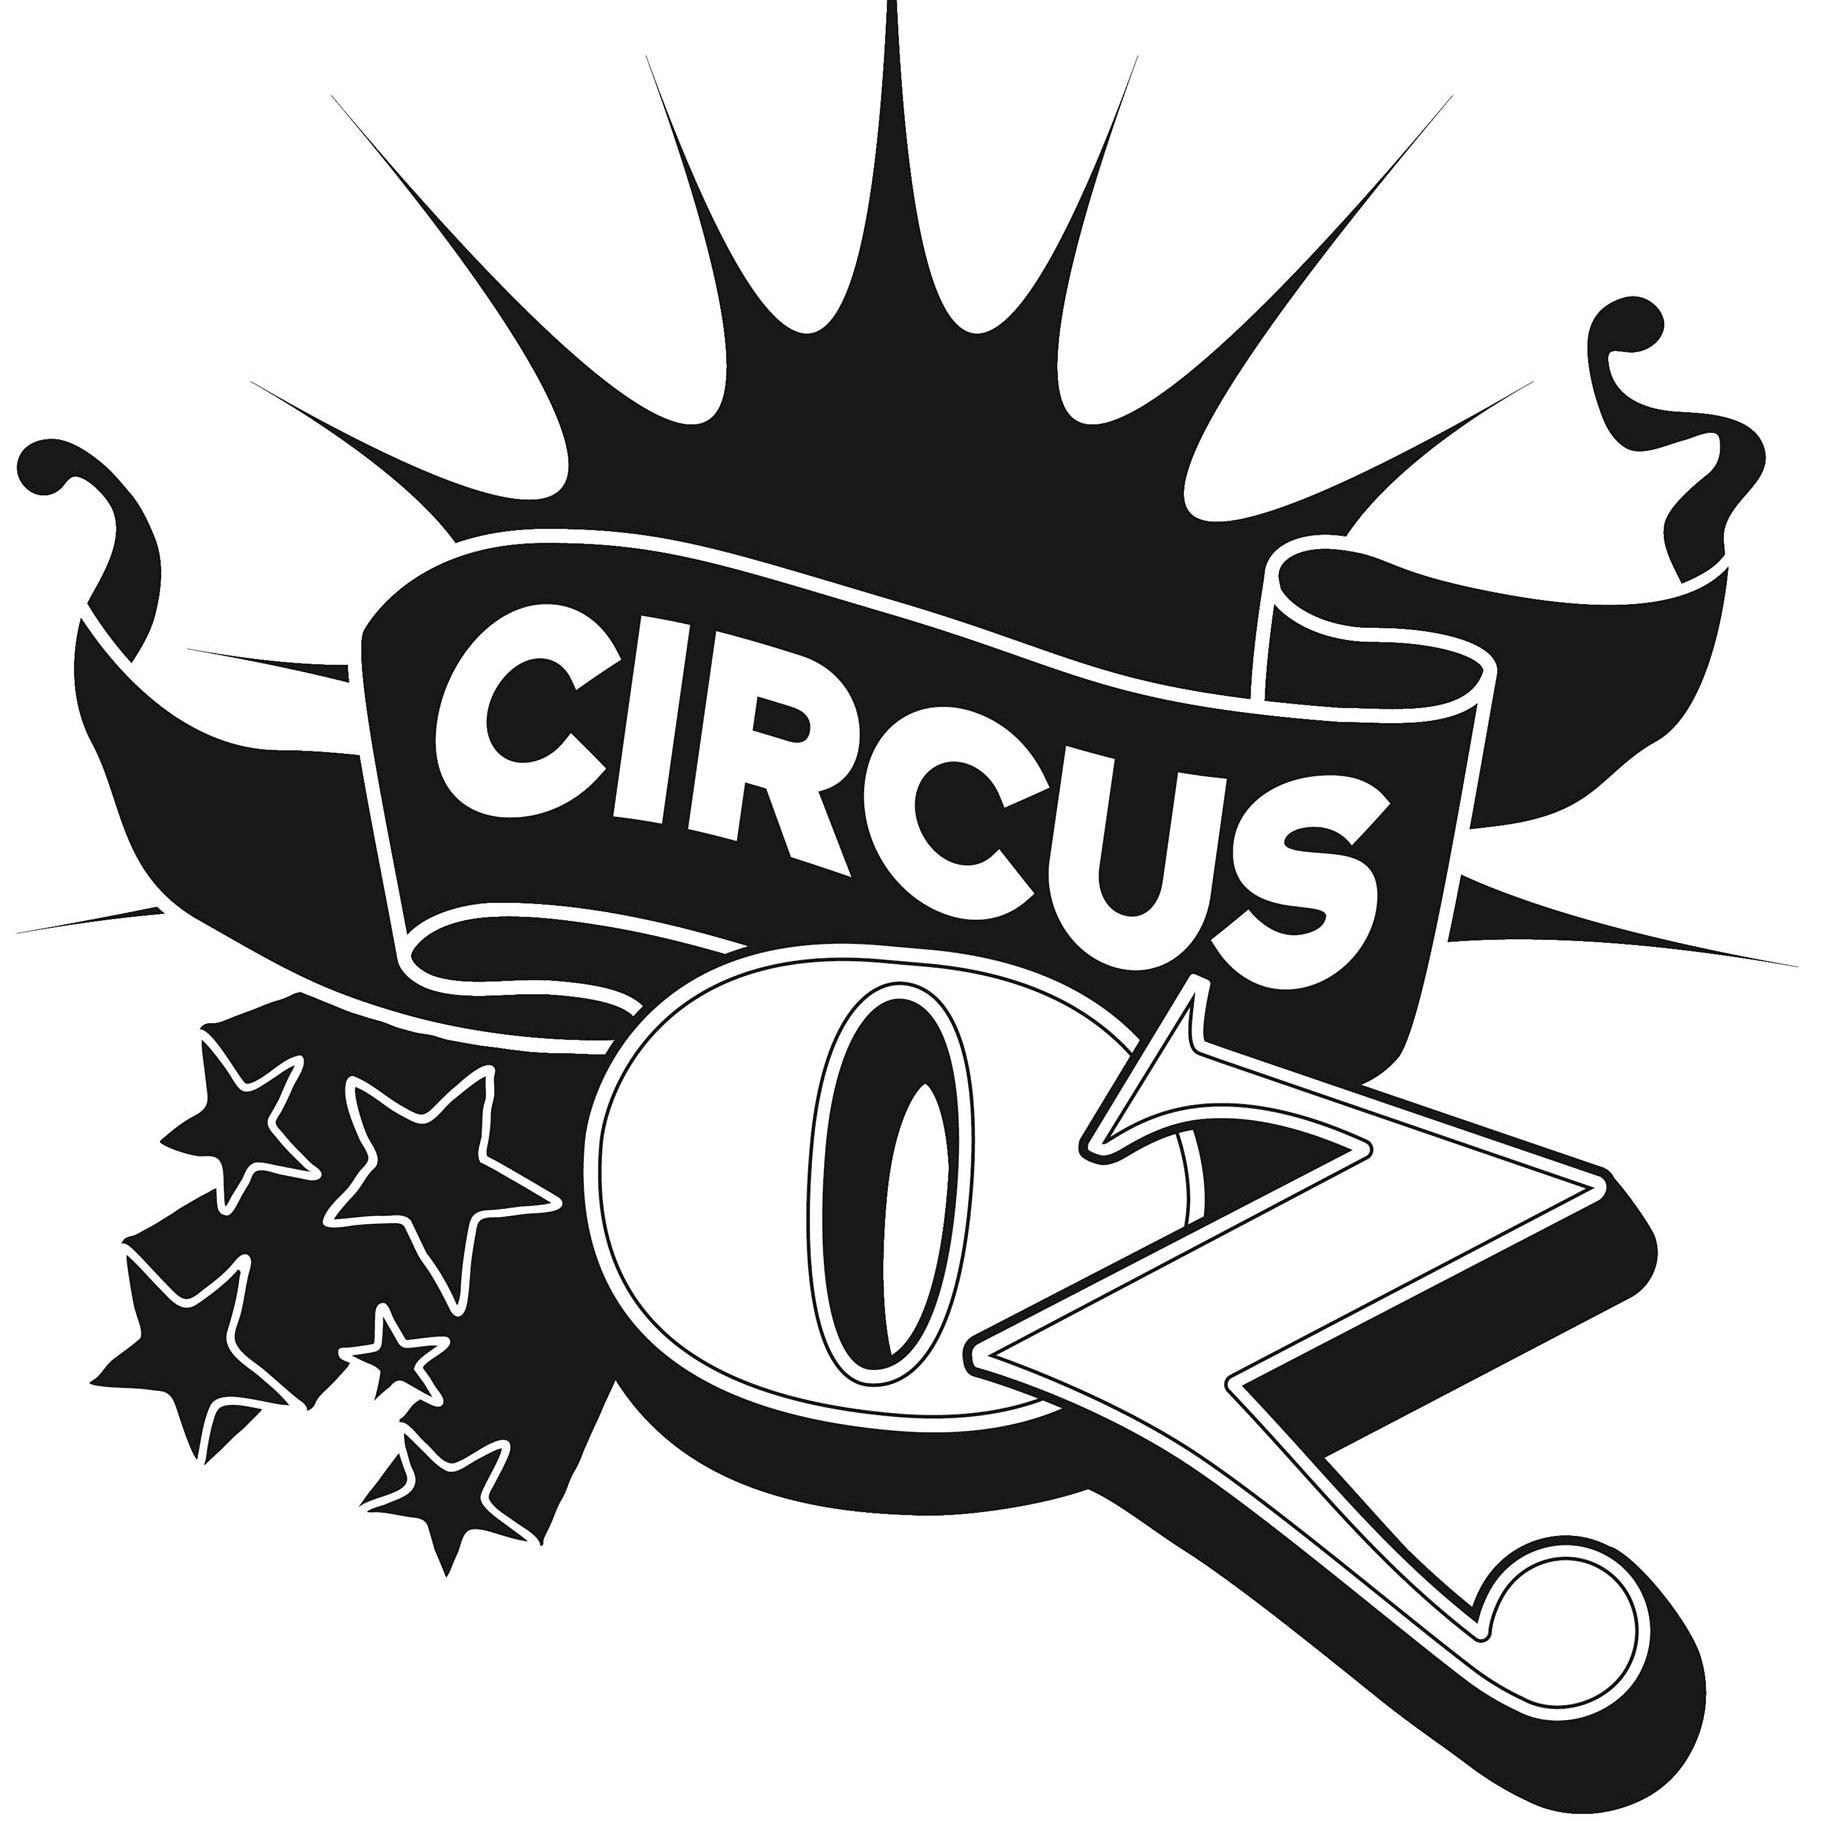 Circus Oz logo